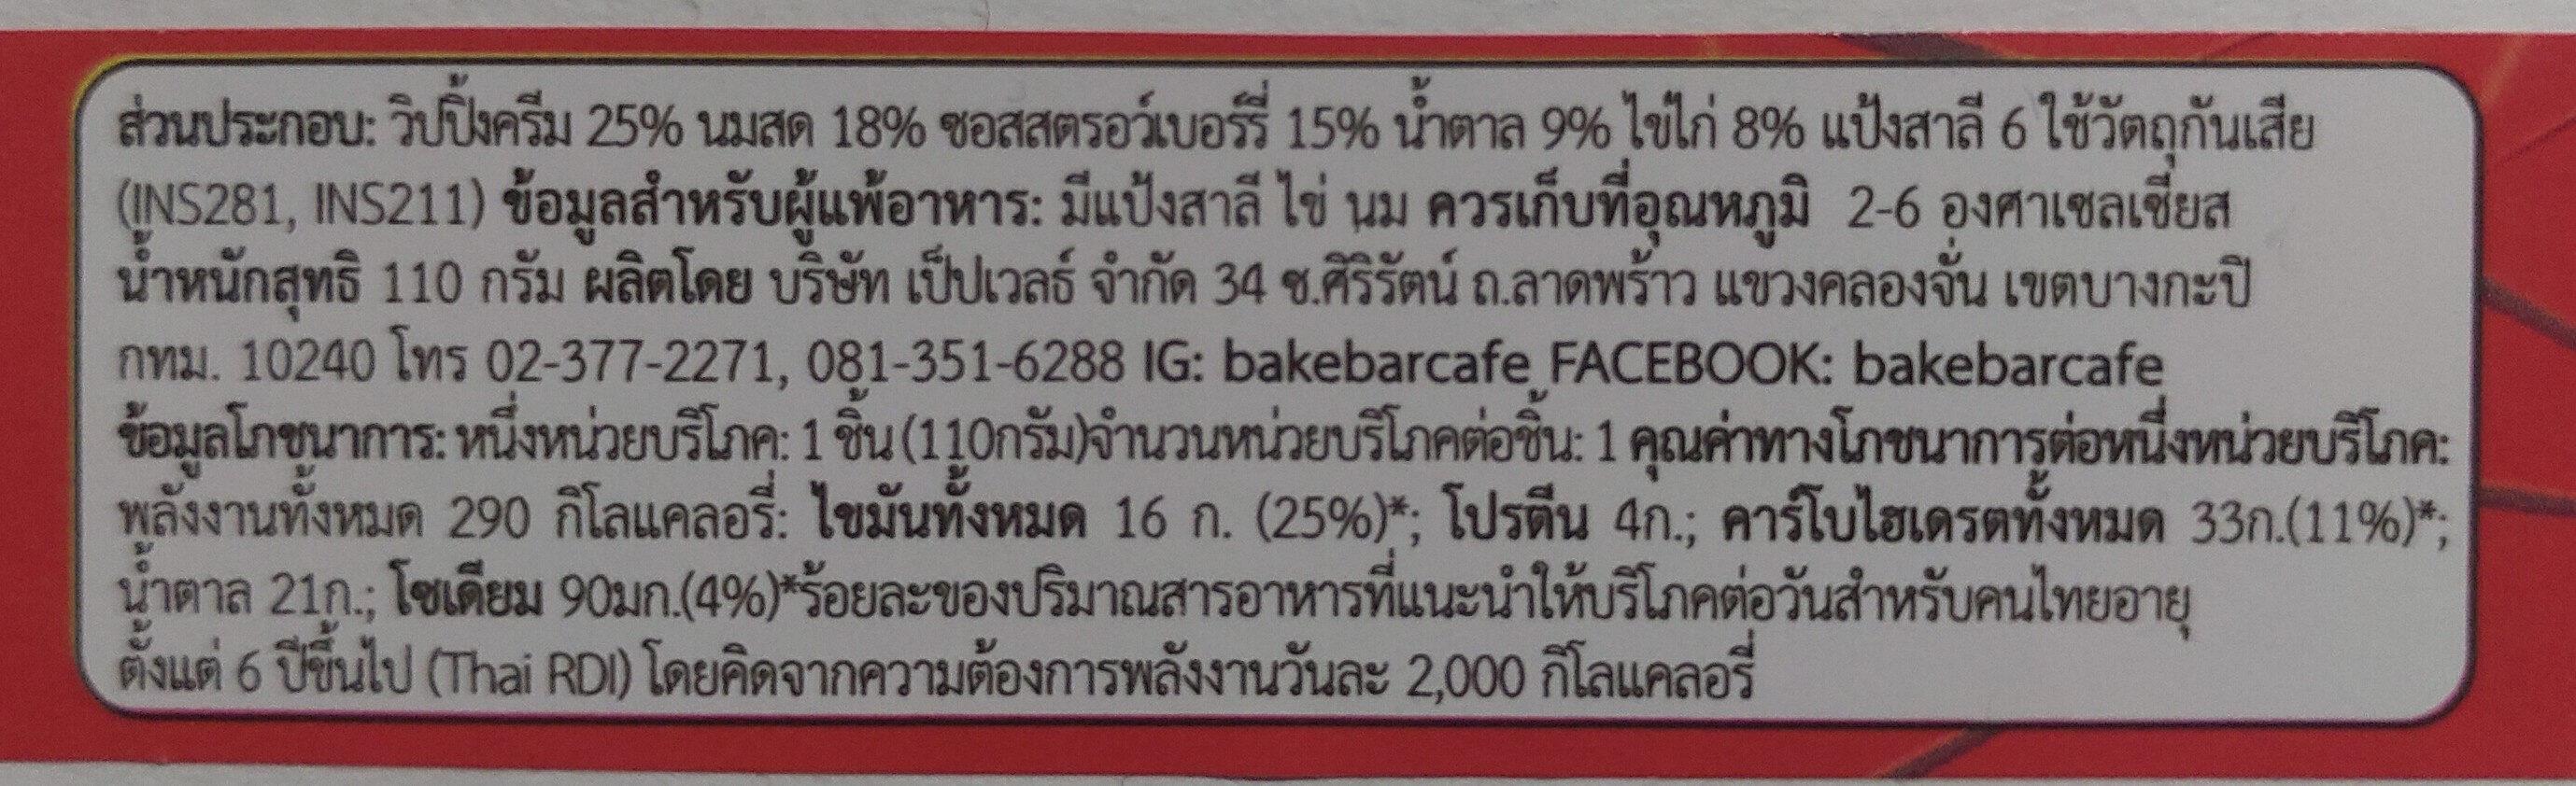 เครปเค้ก รสครีมนม ซอสสตรอเบอรี่ - Informations nutritionnelles - th